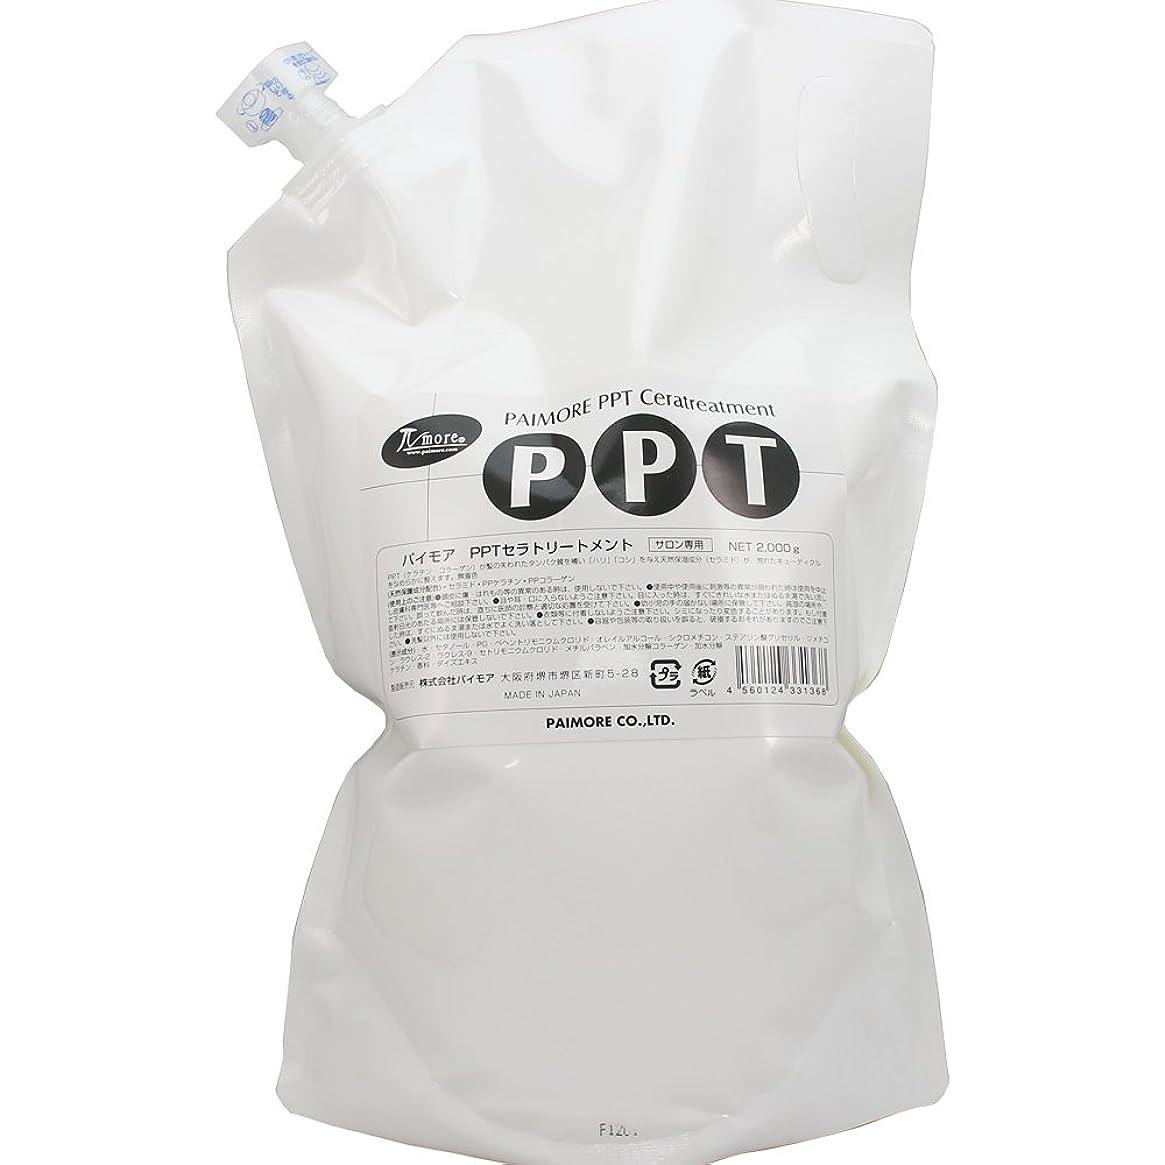 達成可能選択する販売員πmore 2000g パイモア PPT Cera Treatment PPTセラトリートメント 詰め替え